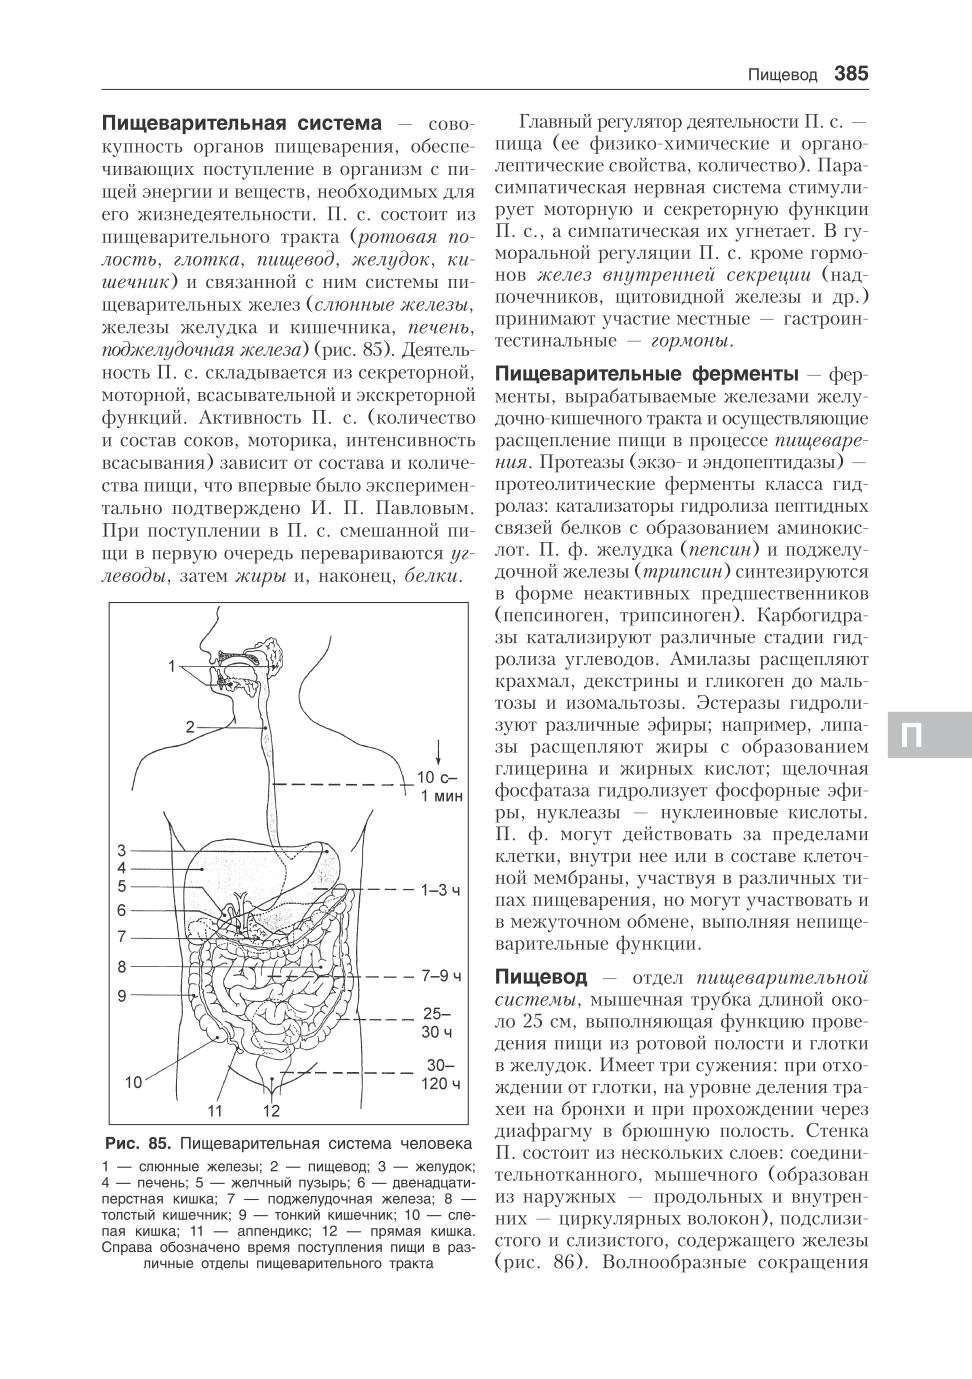 ��������� ������ � ��. | �������. ��������, ����������, ����������. ����������������� ���������������� ������� | PDF